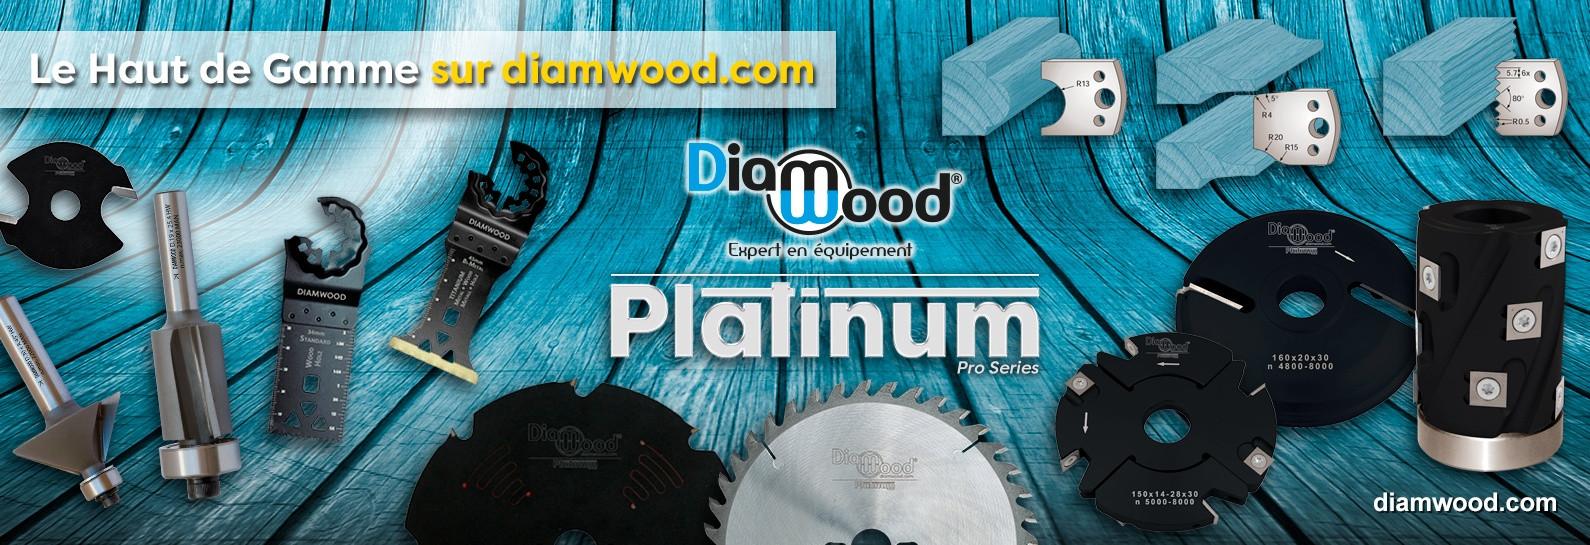 Diamwood Platinum